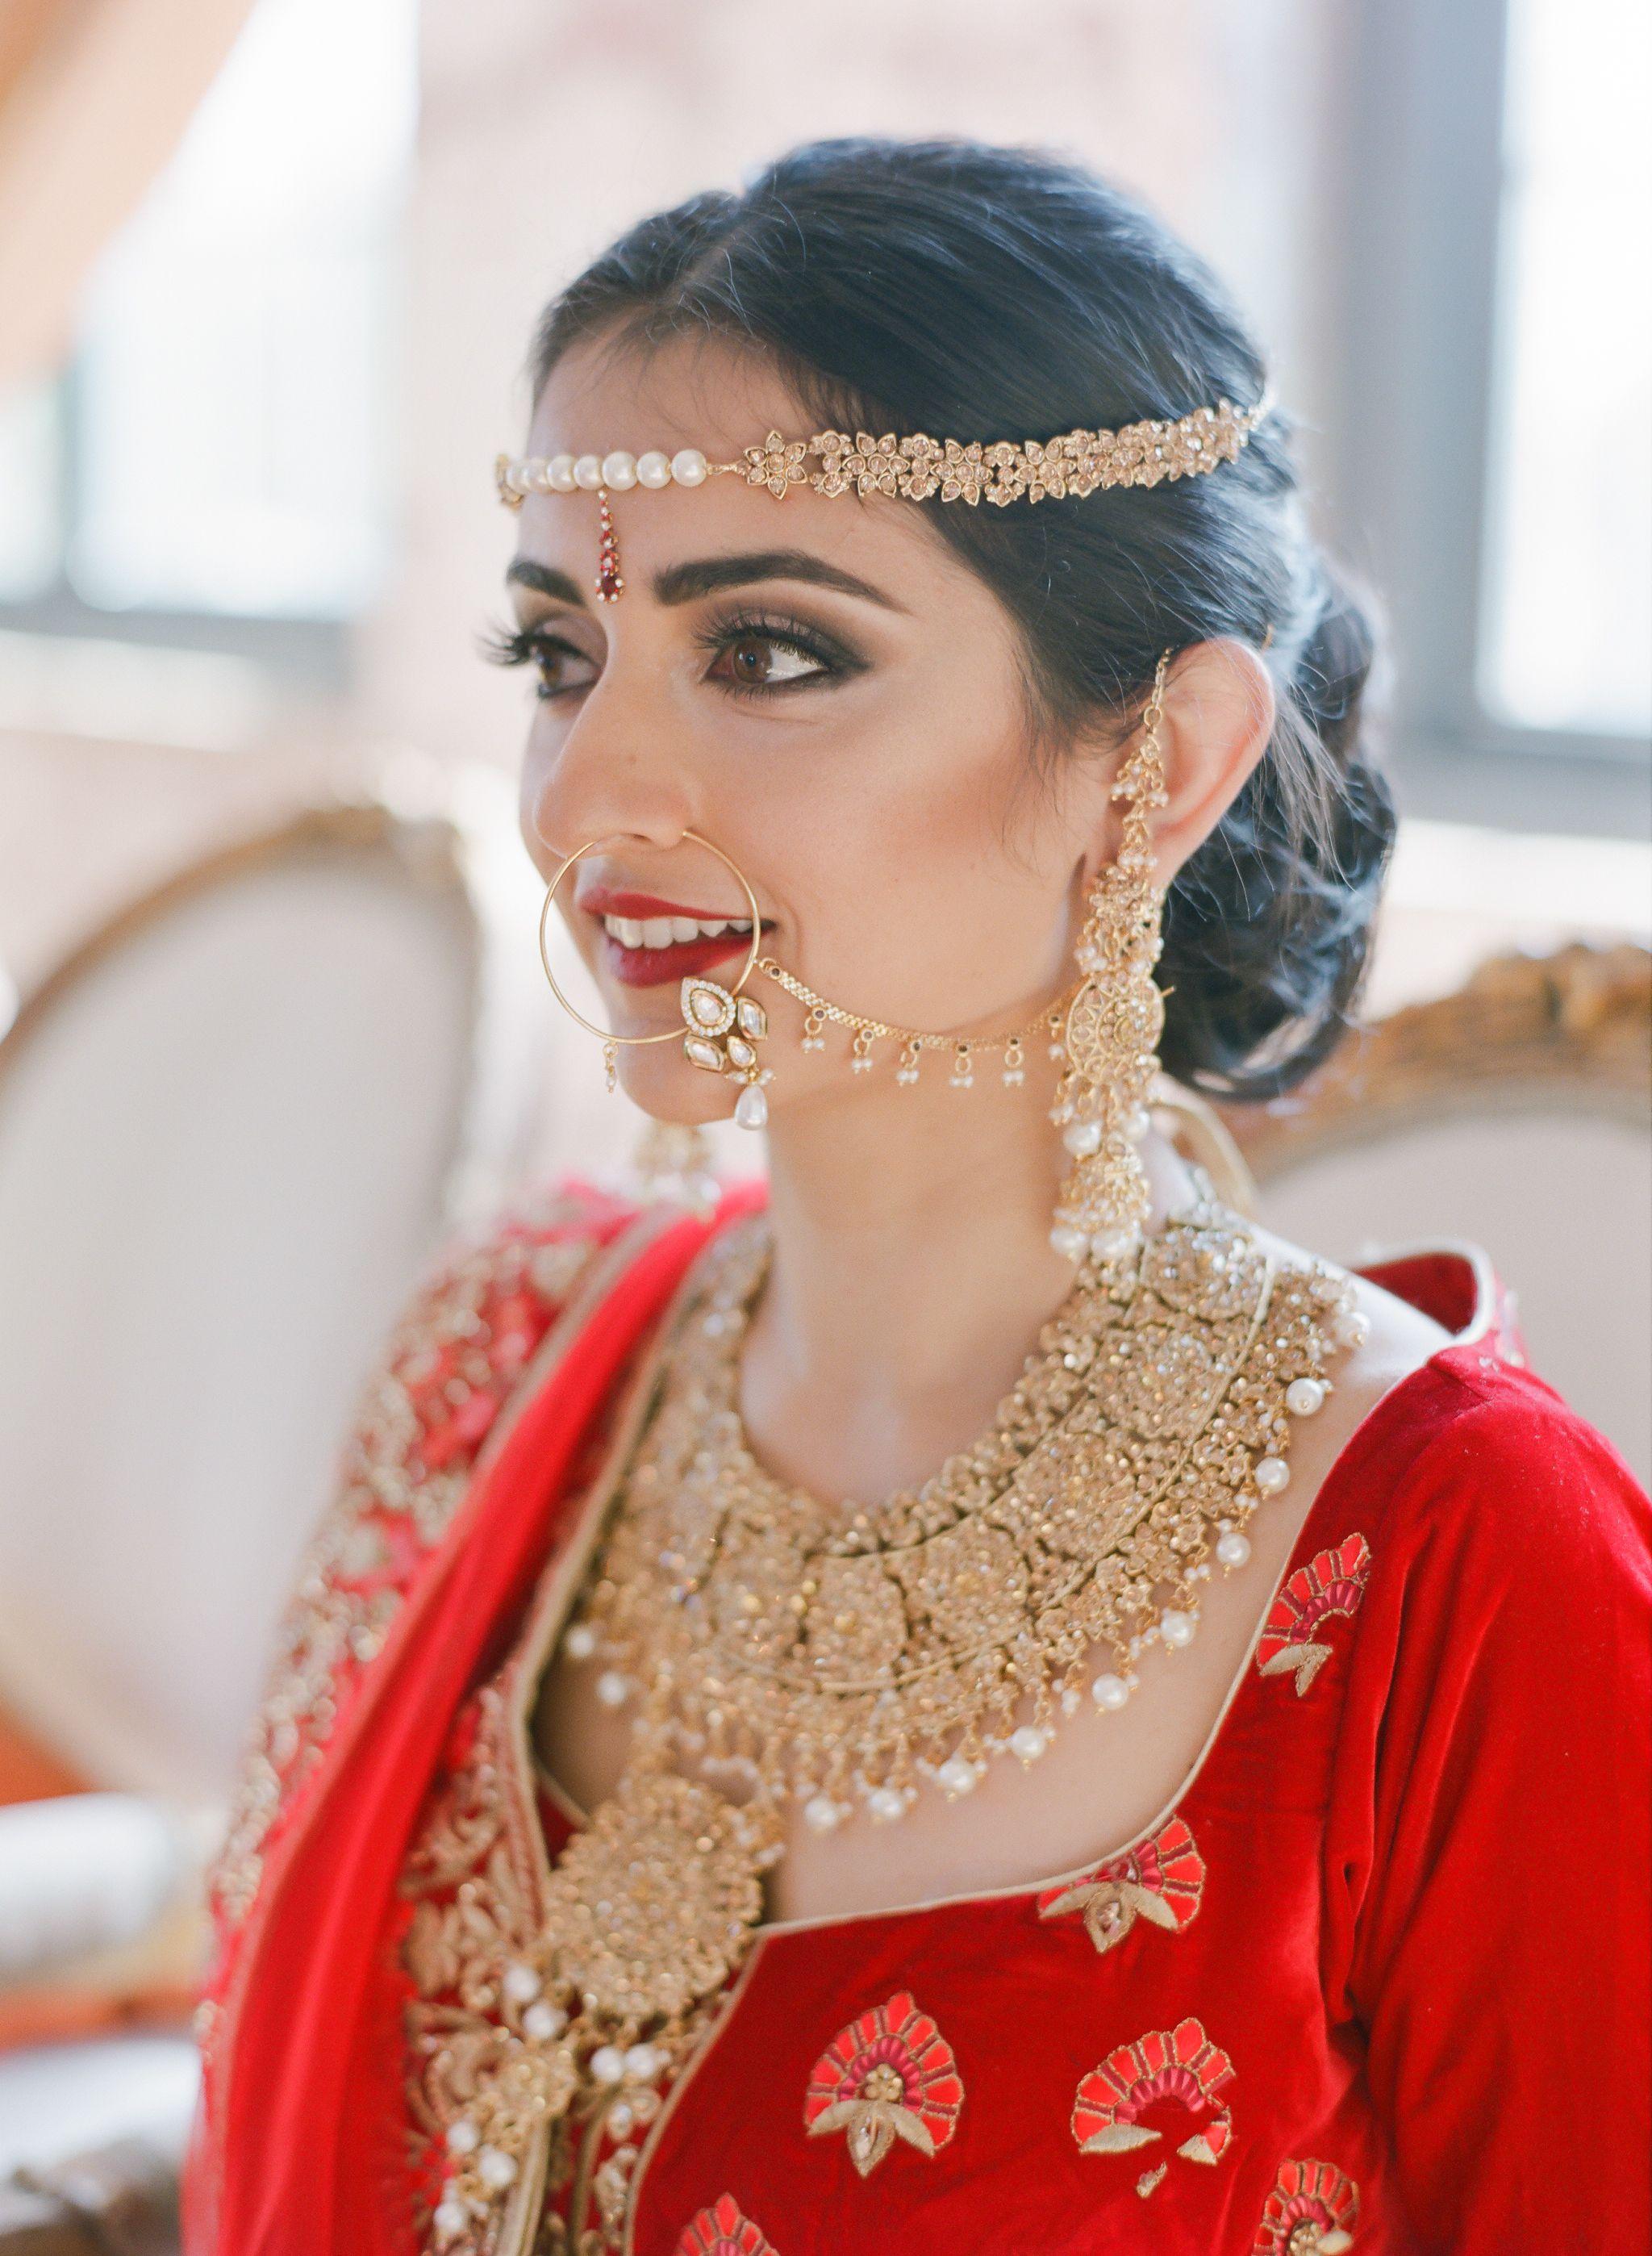 Hair + Makeup Silhouette on Site Wardrobe Naiya Indian